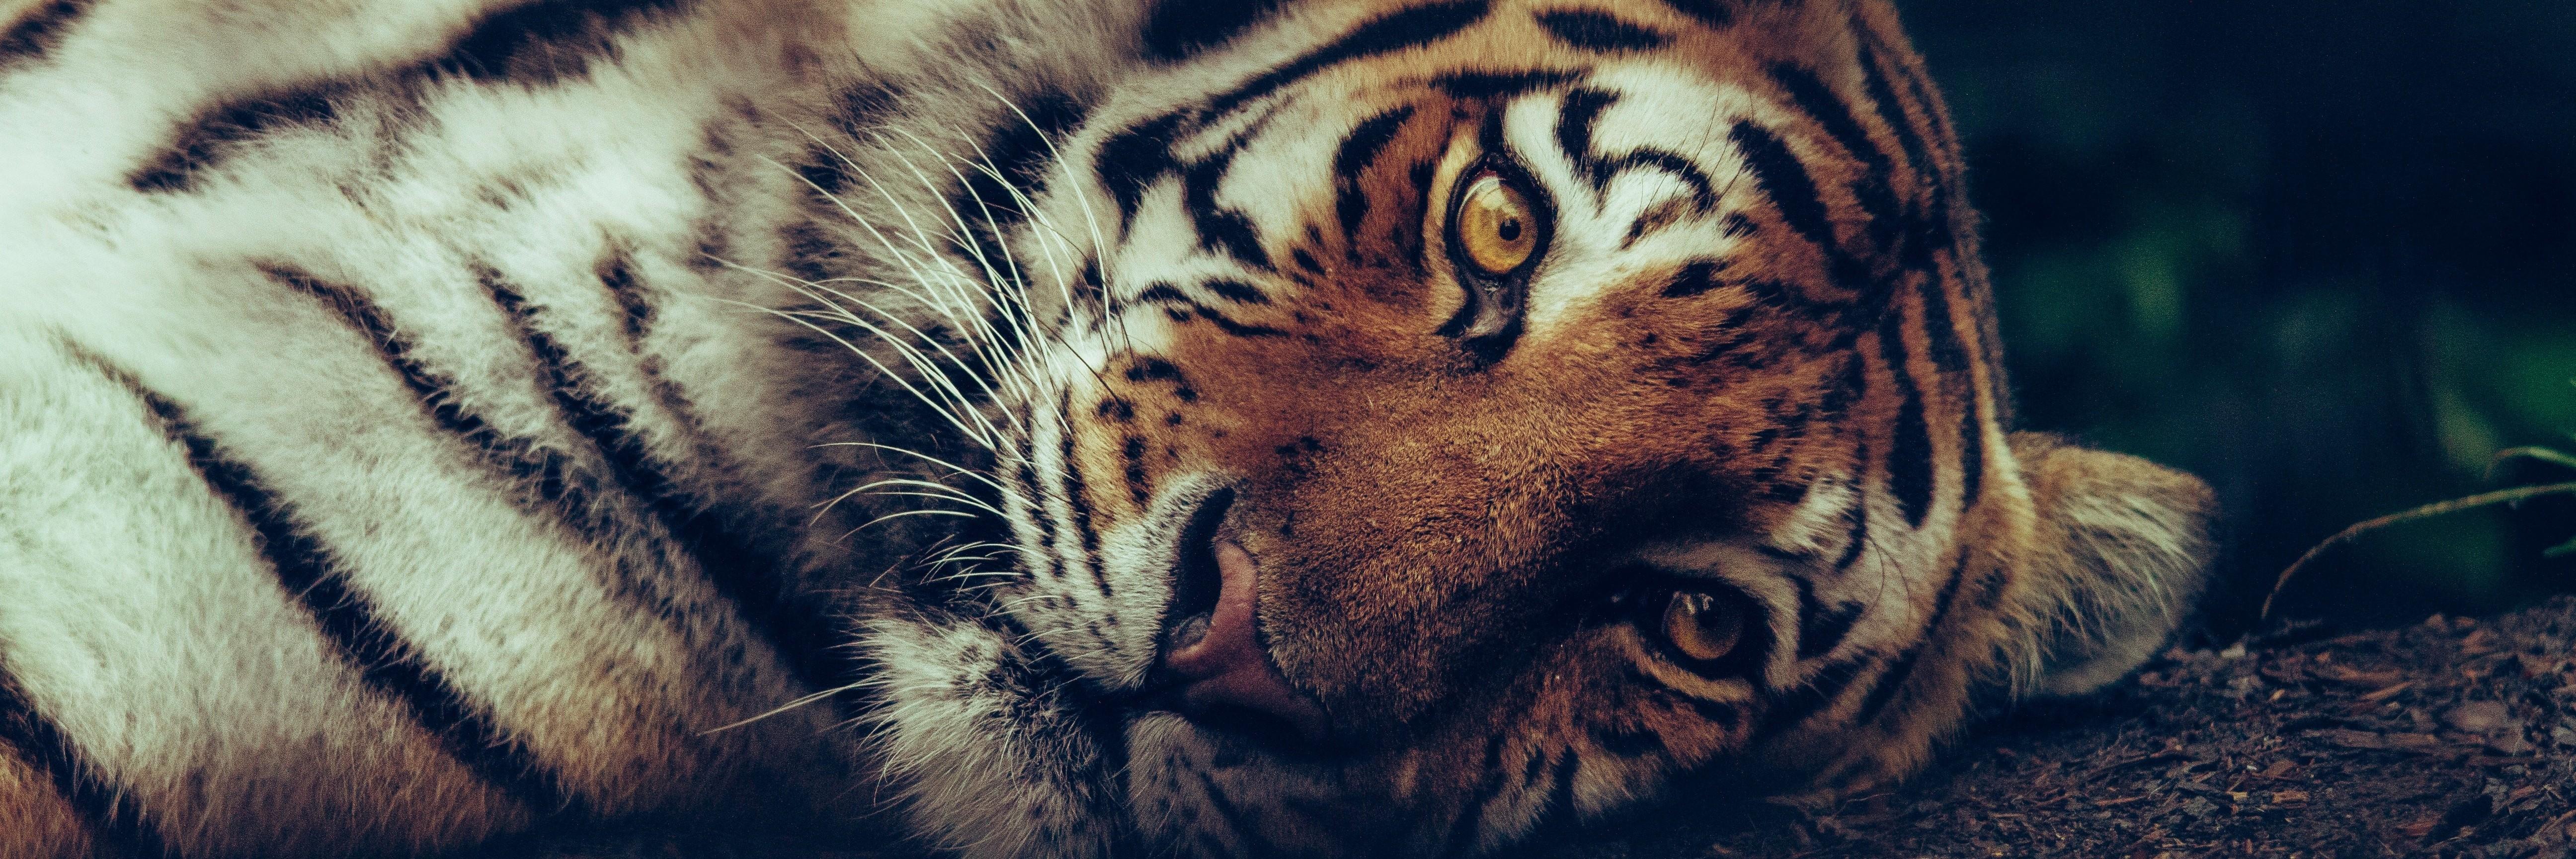 Einsatz gegen Tigerhandel